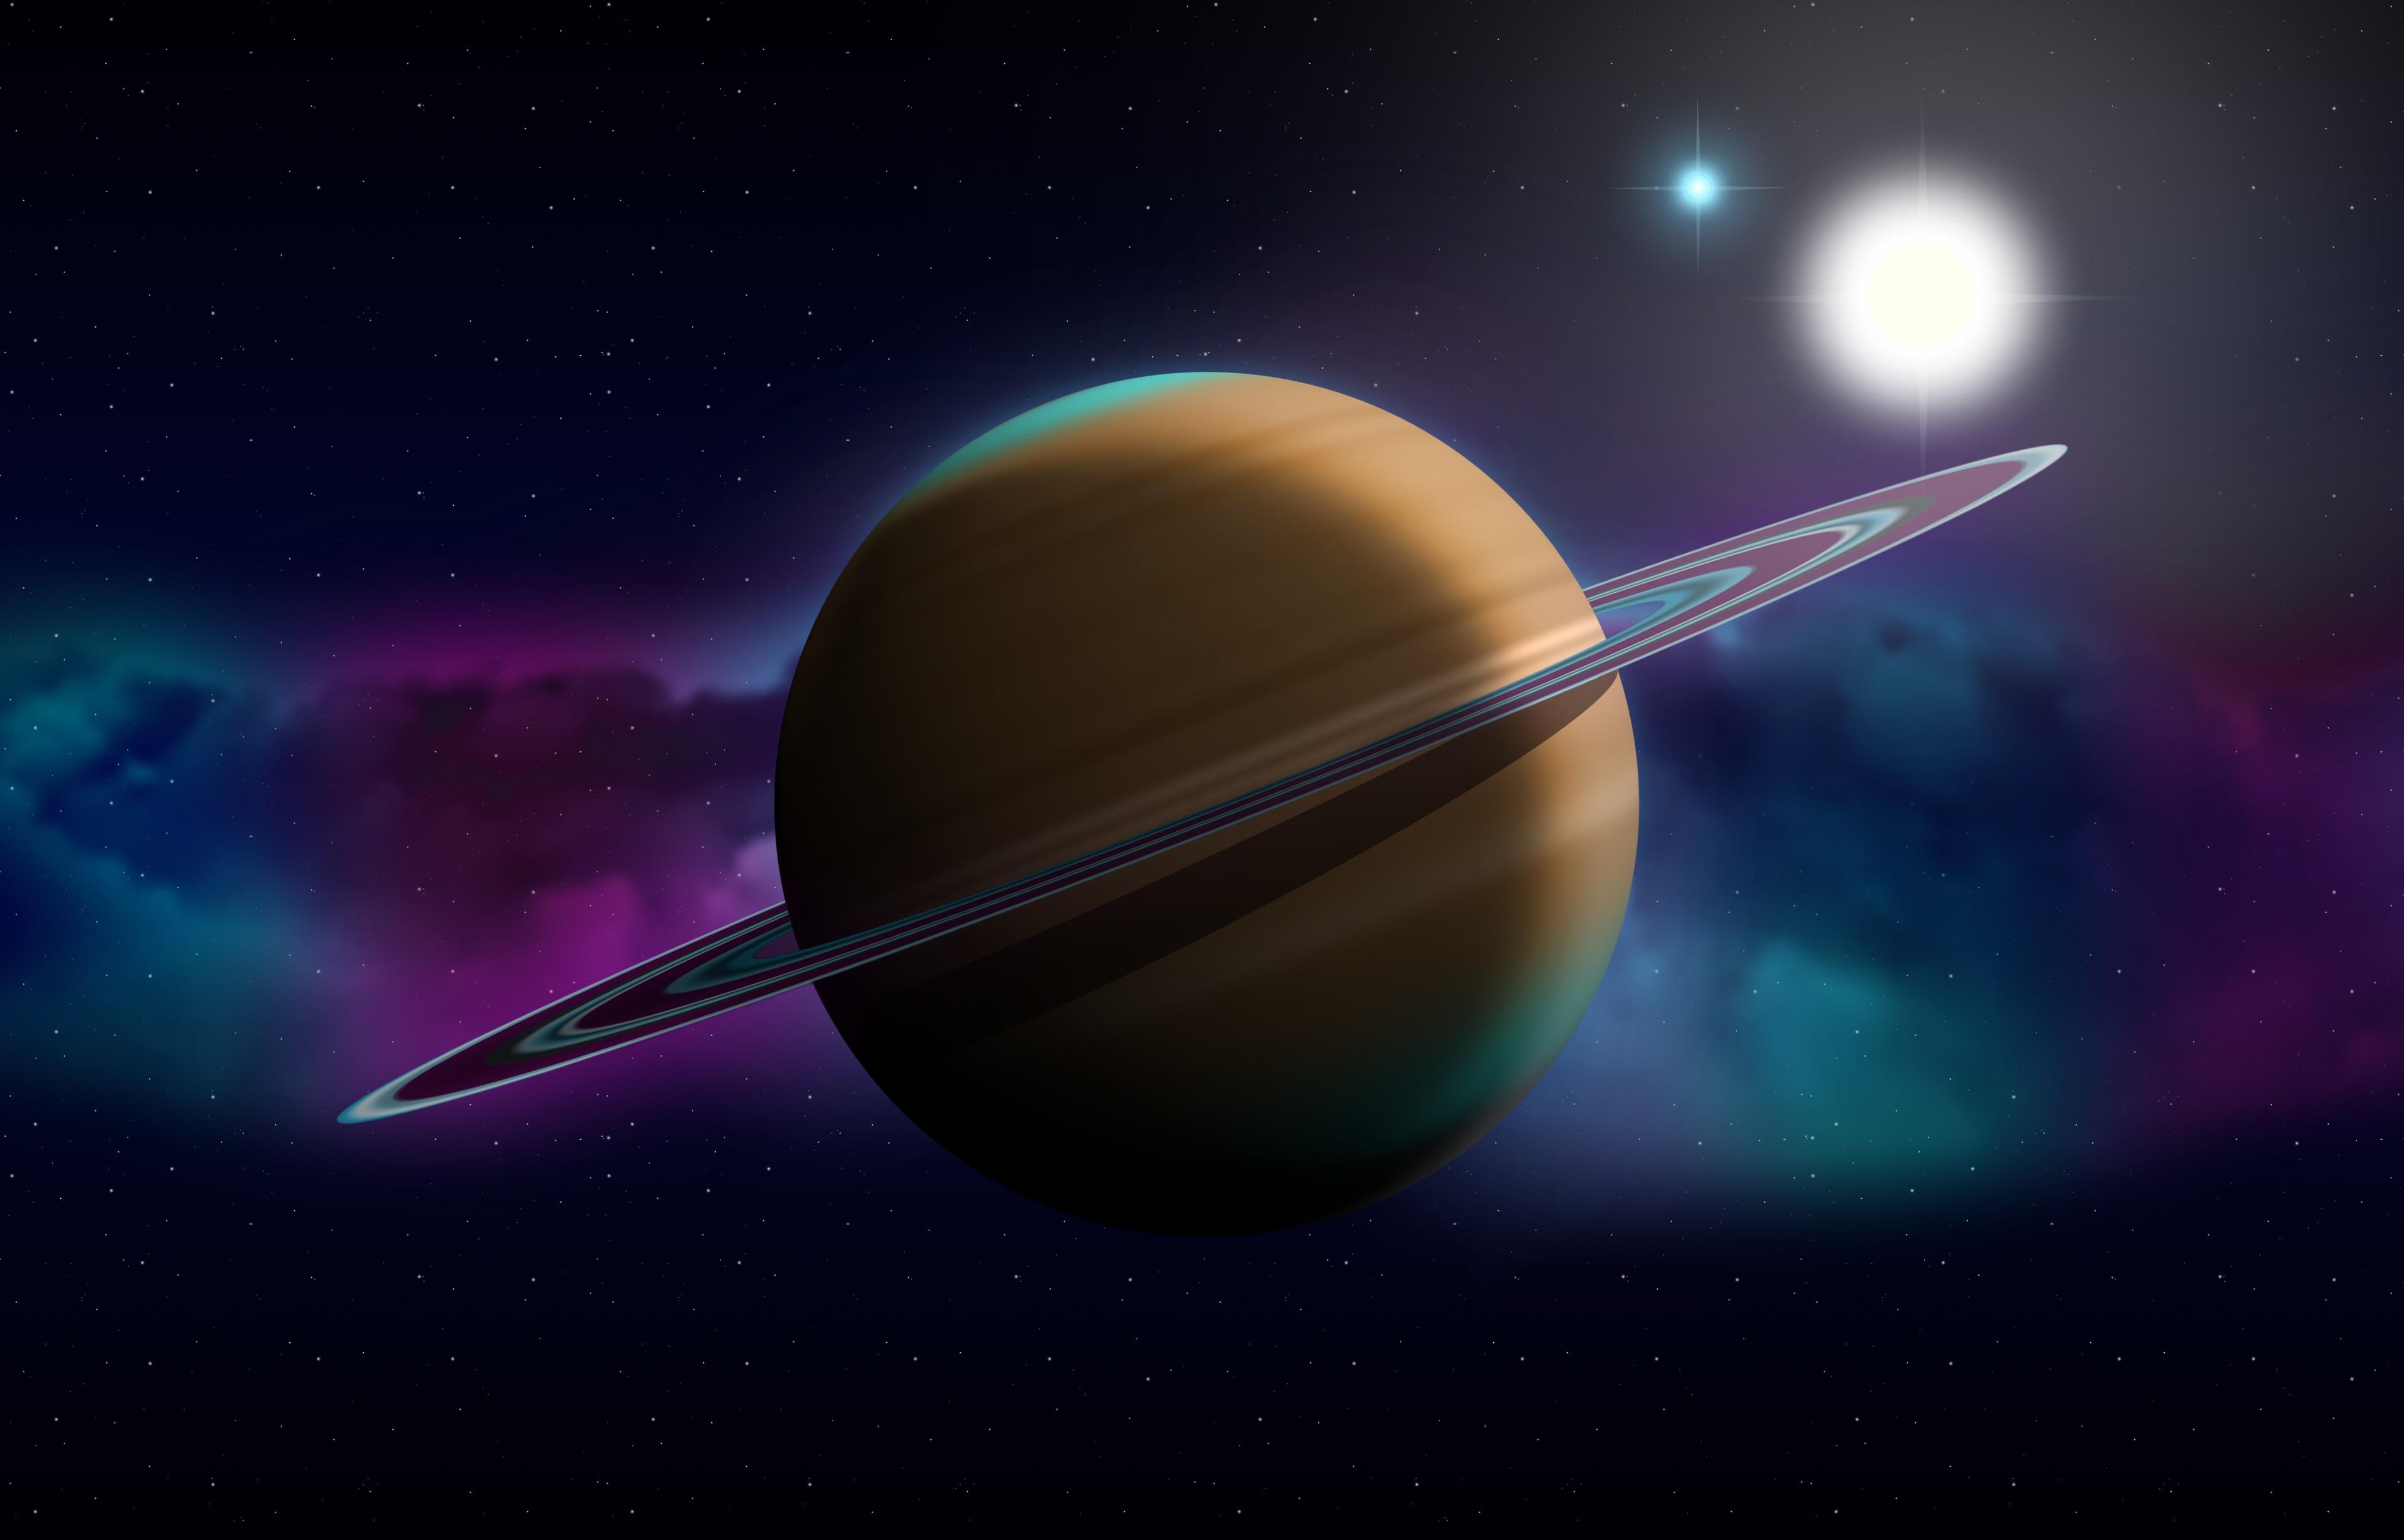 ранним фото планеты сатурн в высоком качестве акции